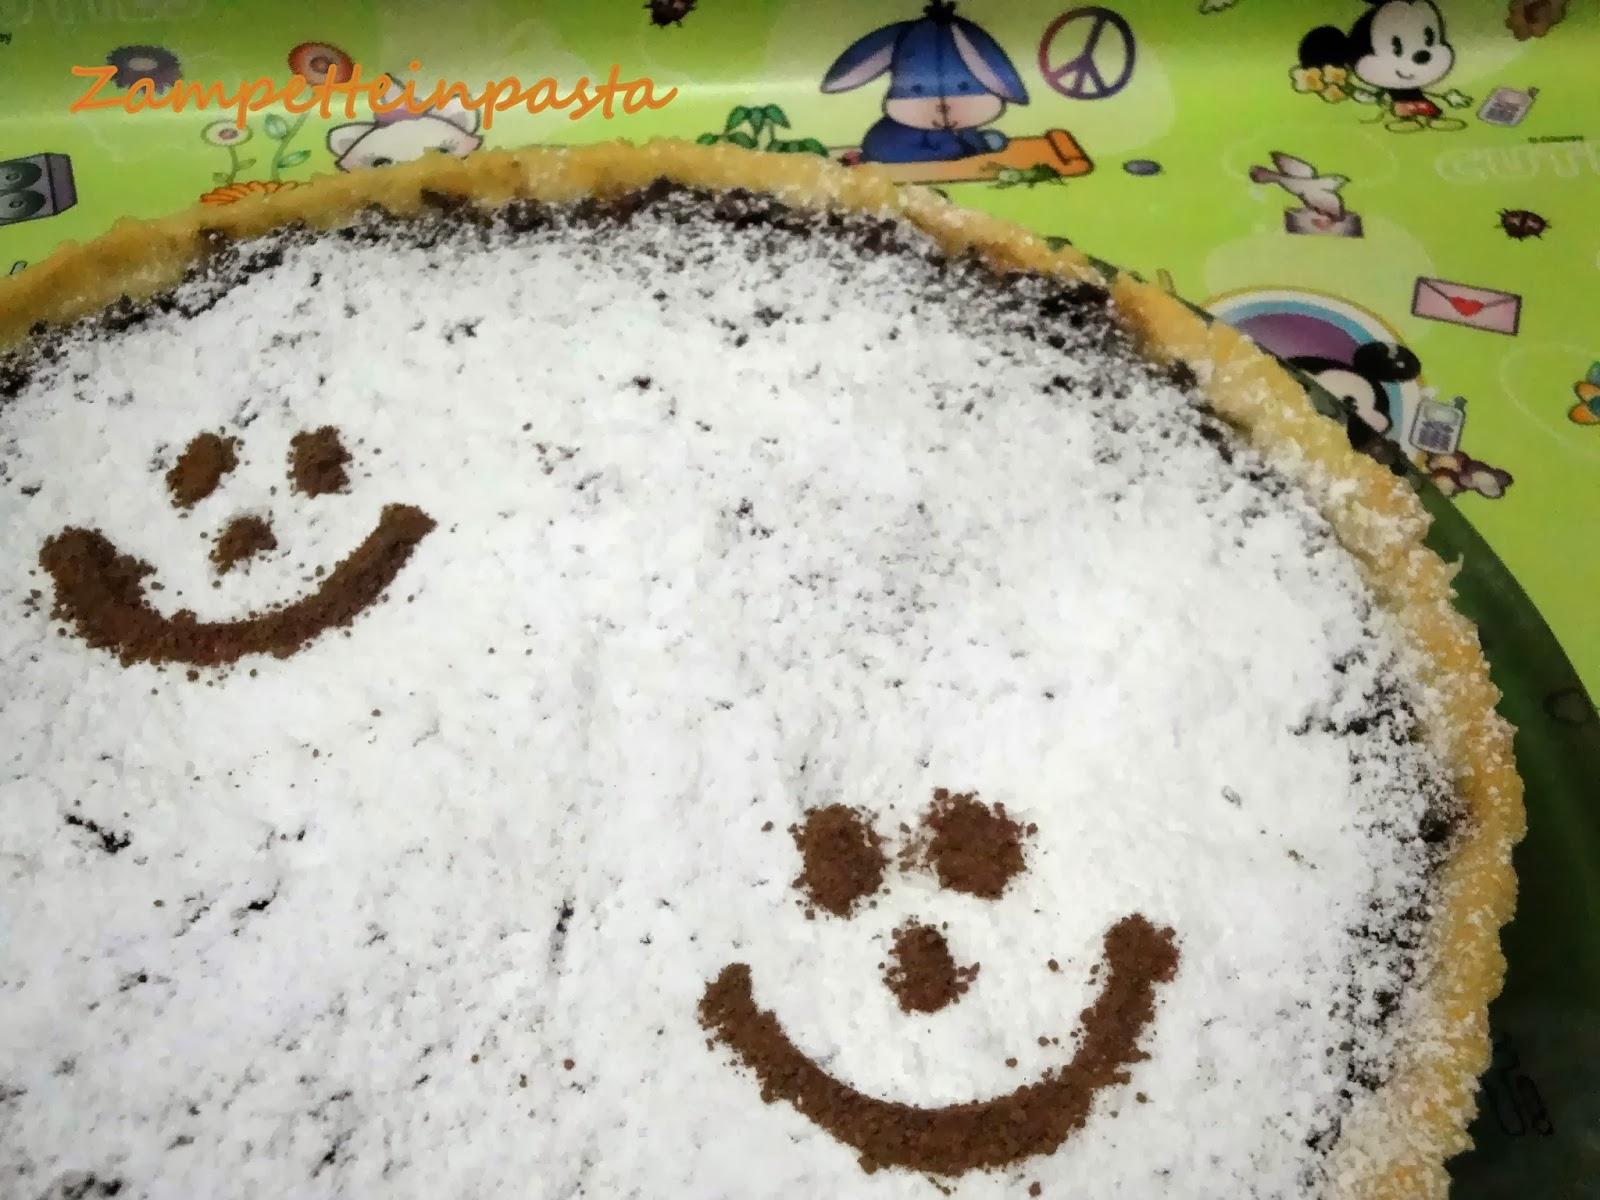 Crostata di pandoro - Come utilizzare il pandoro avanzato